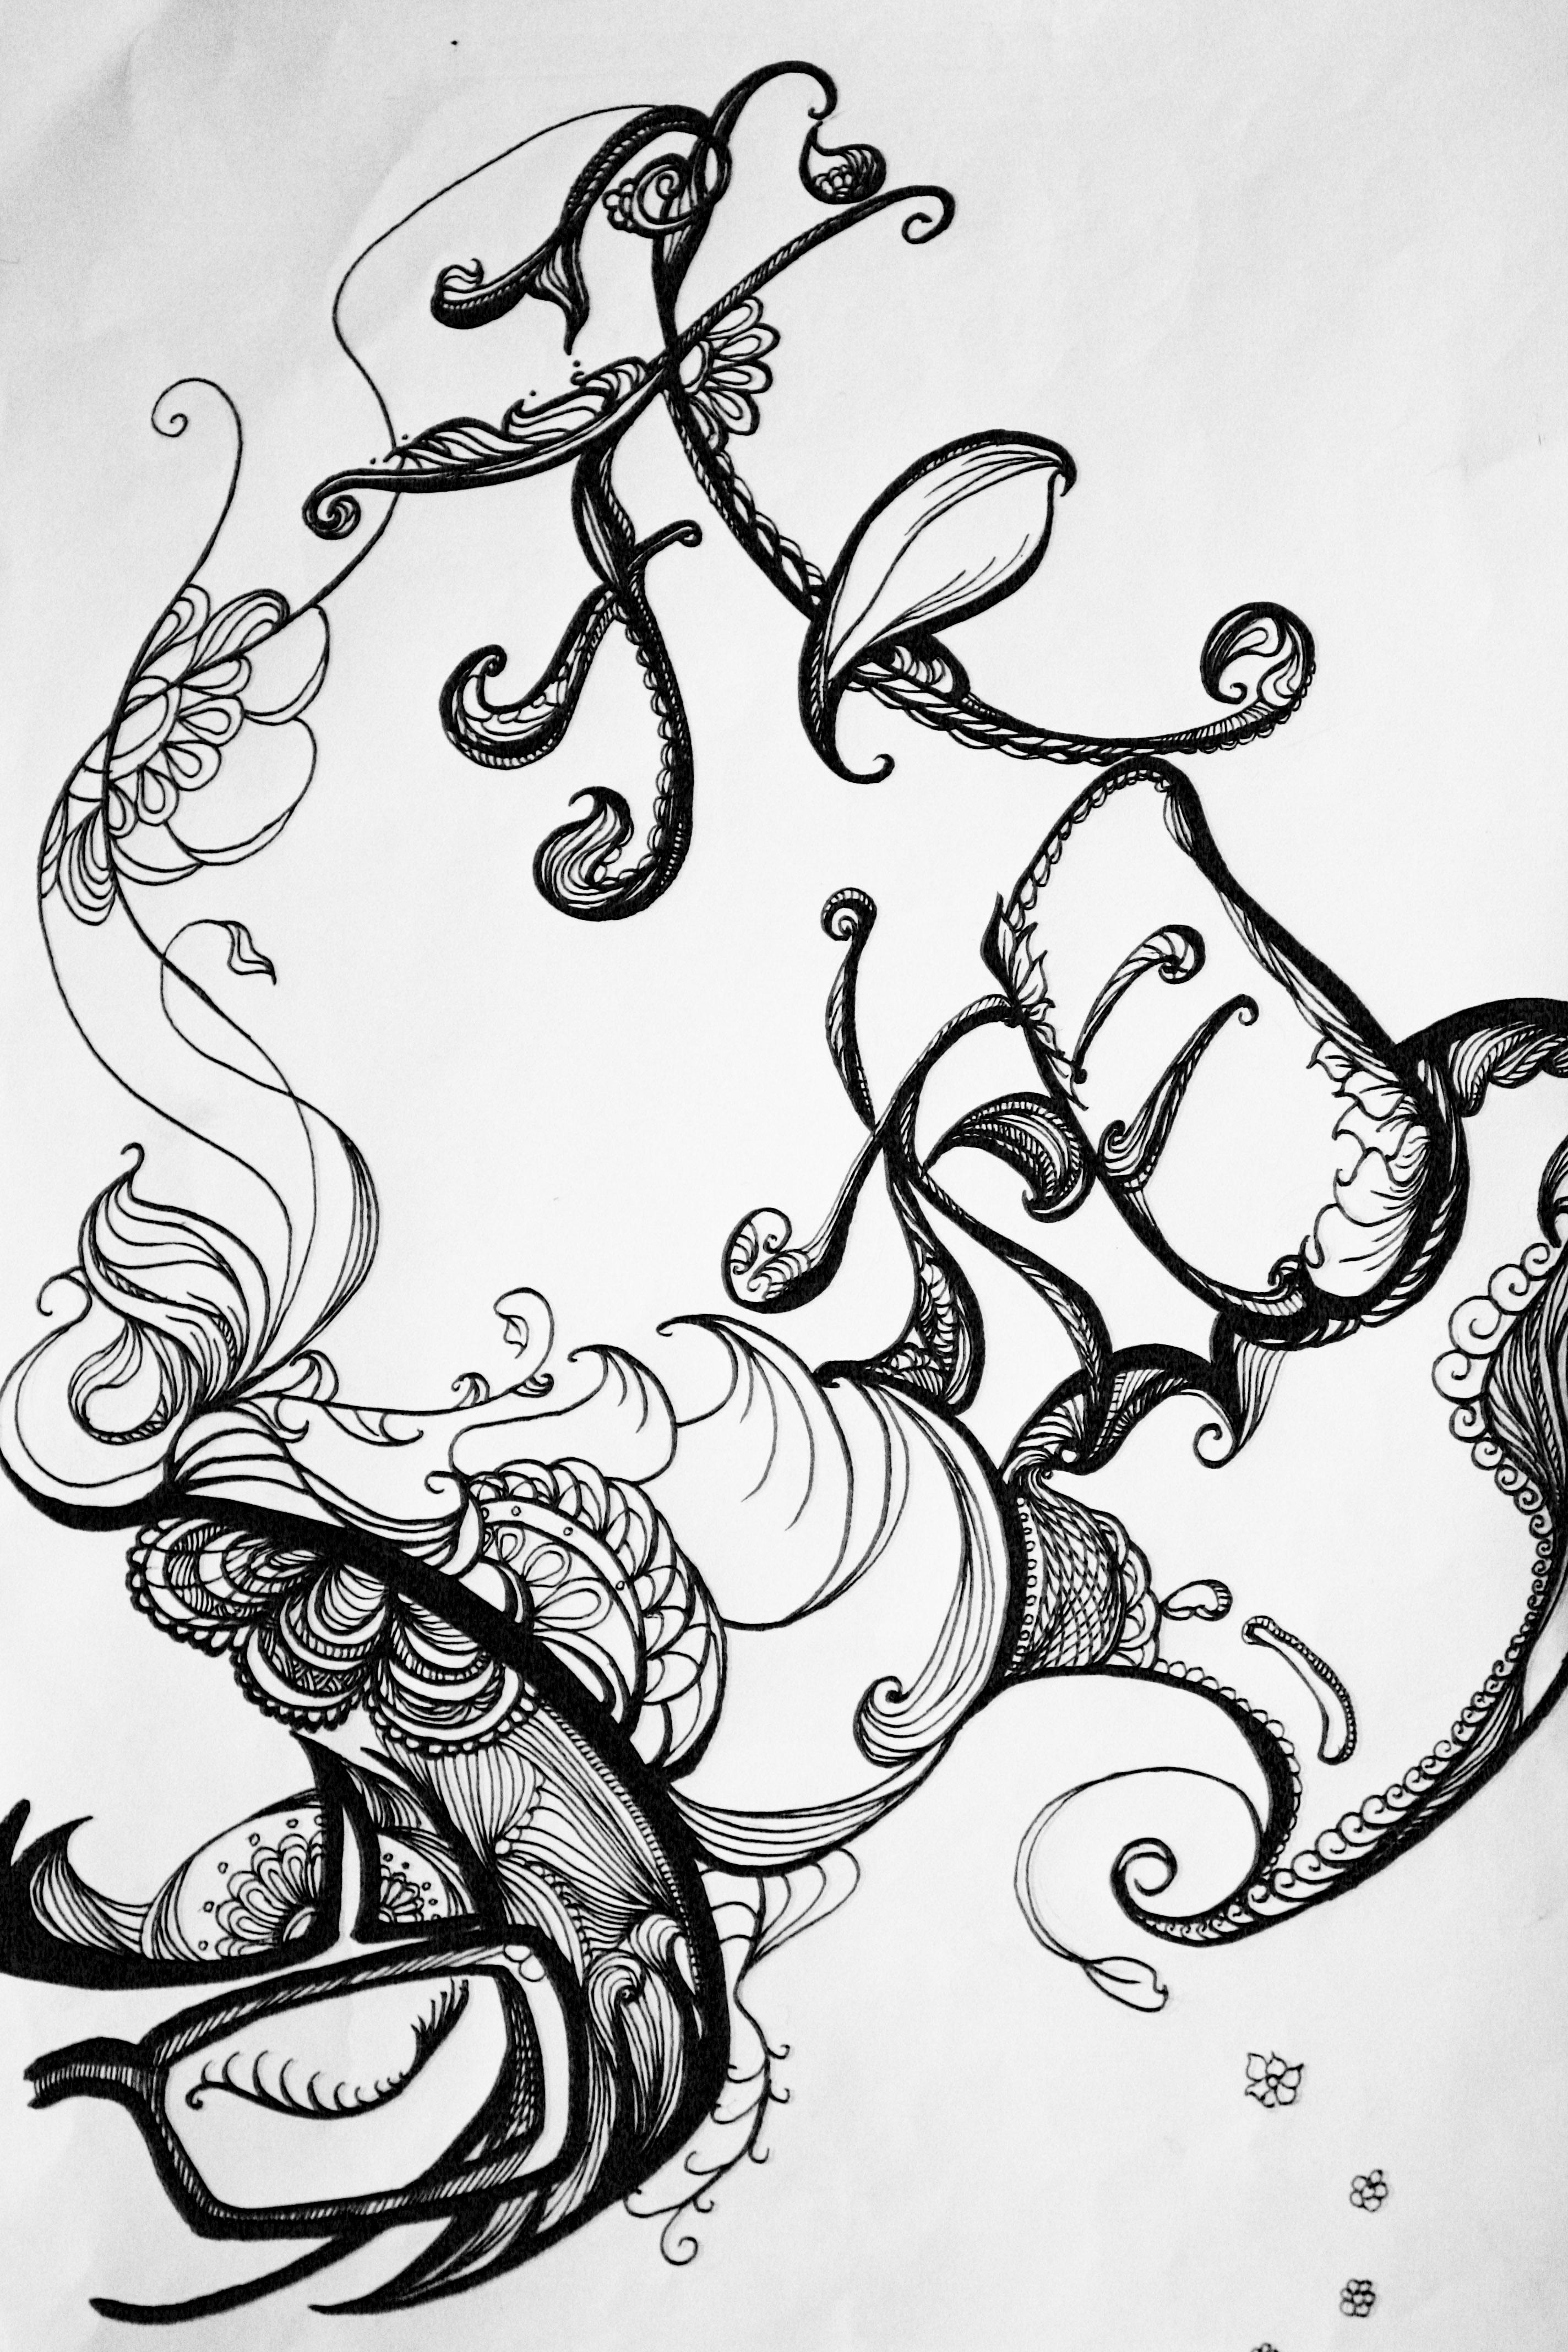 简笔画 设计 矢量 矢量图 手绘 素材 线稿 2848_4272 竖版 竖屏